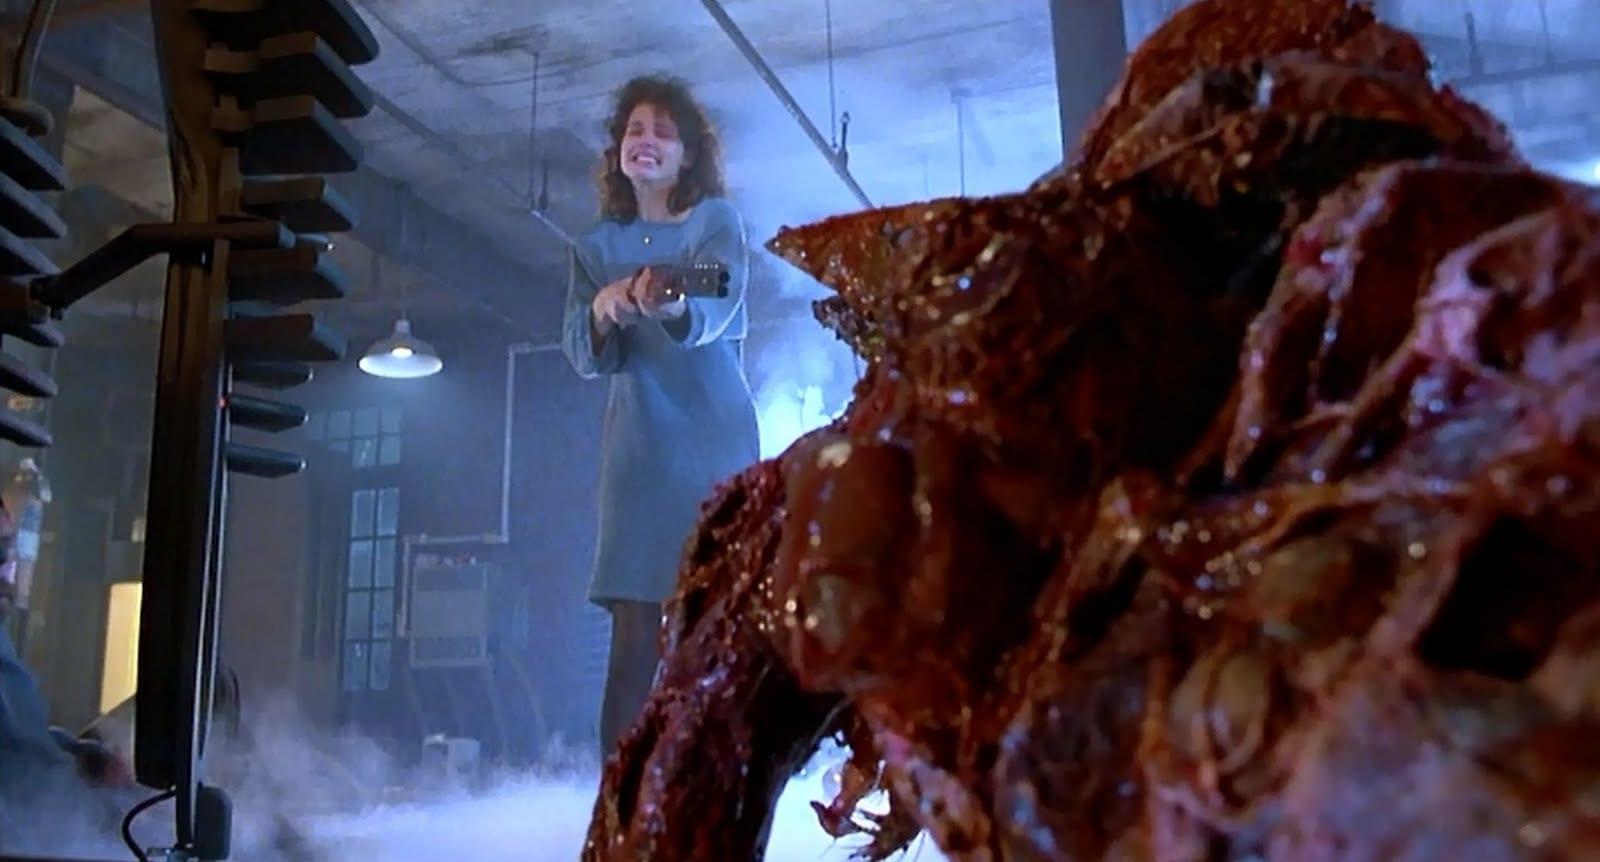 Geena Davis as Veronica holding a gun towards The Fly